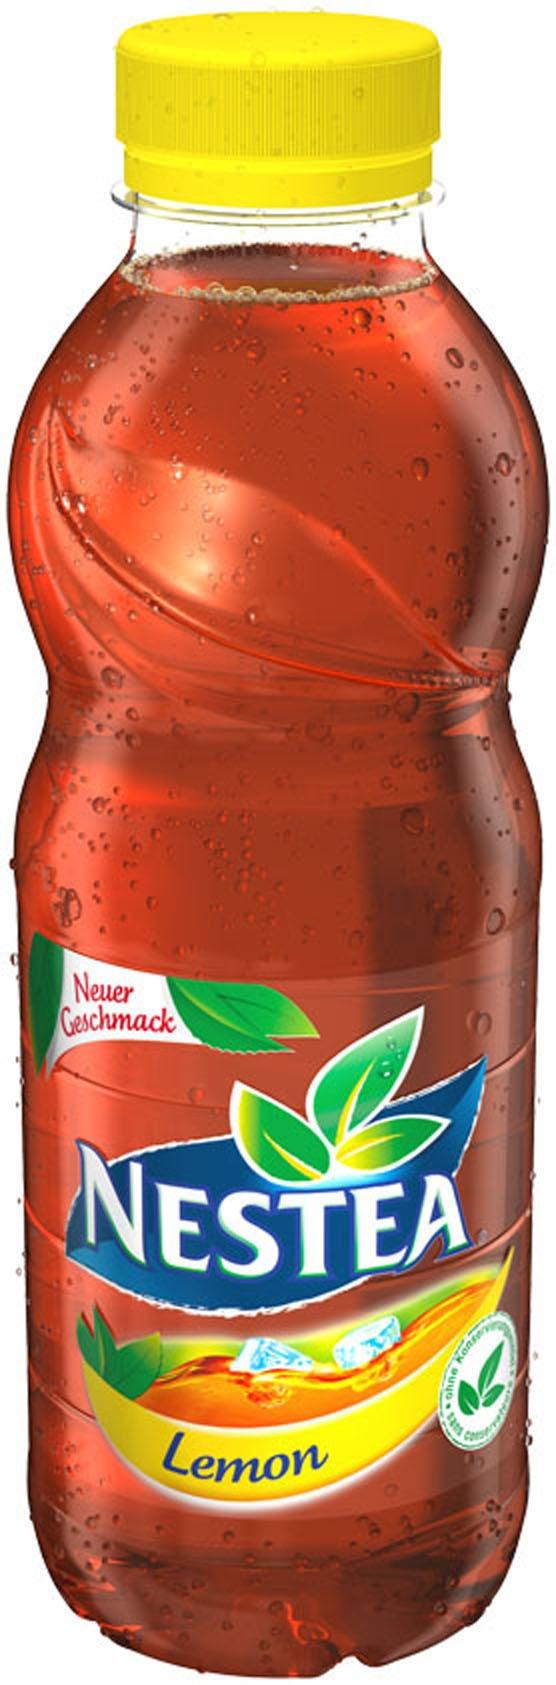 Nestea Lemon vous rafraîchit avec une nouvelle saveur de thé glacé